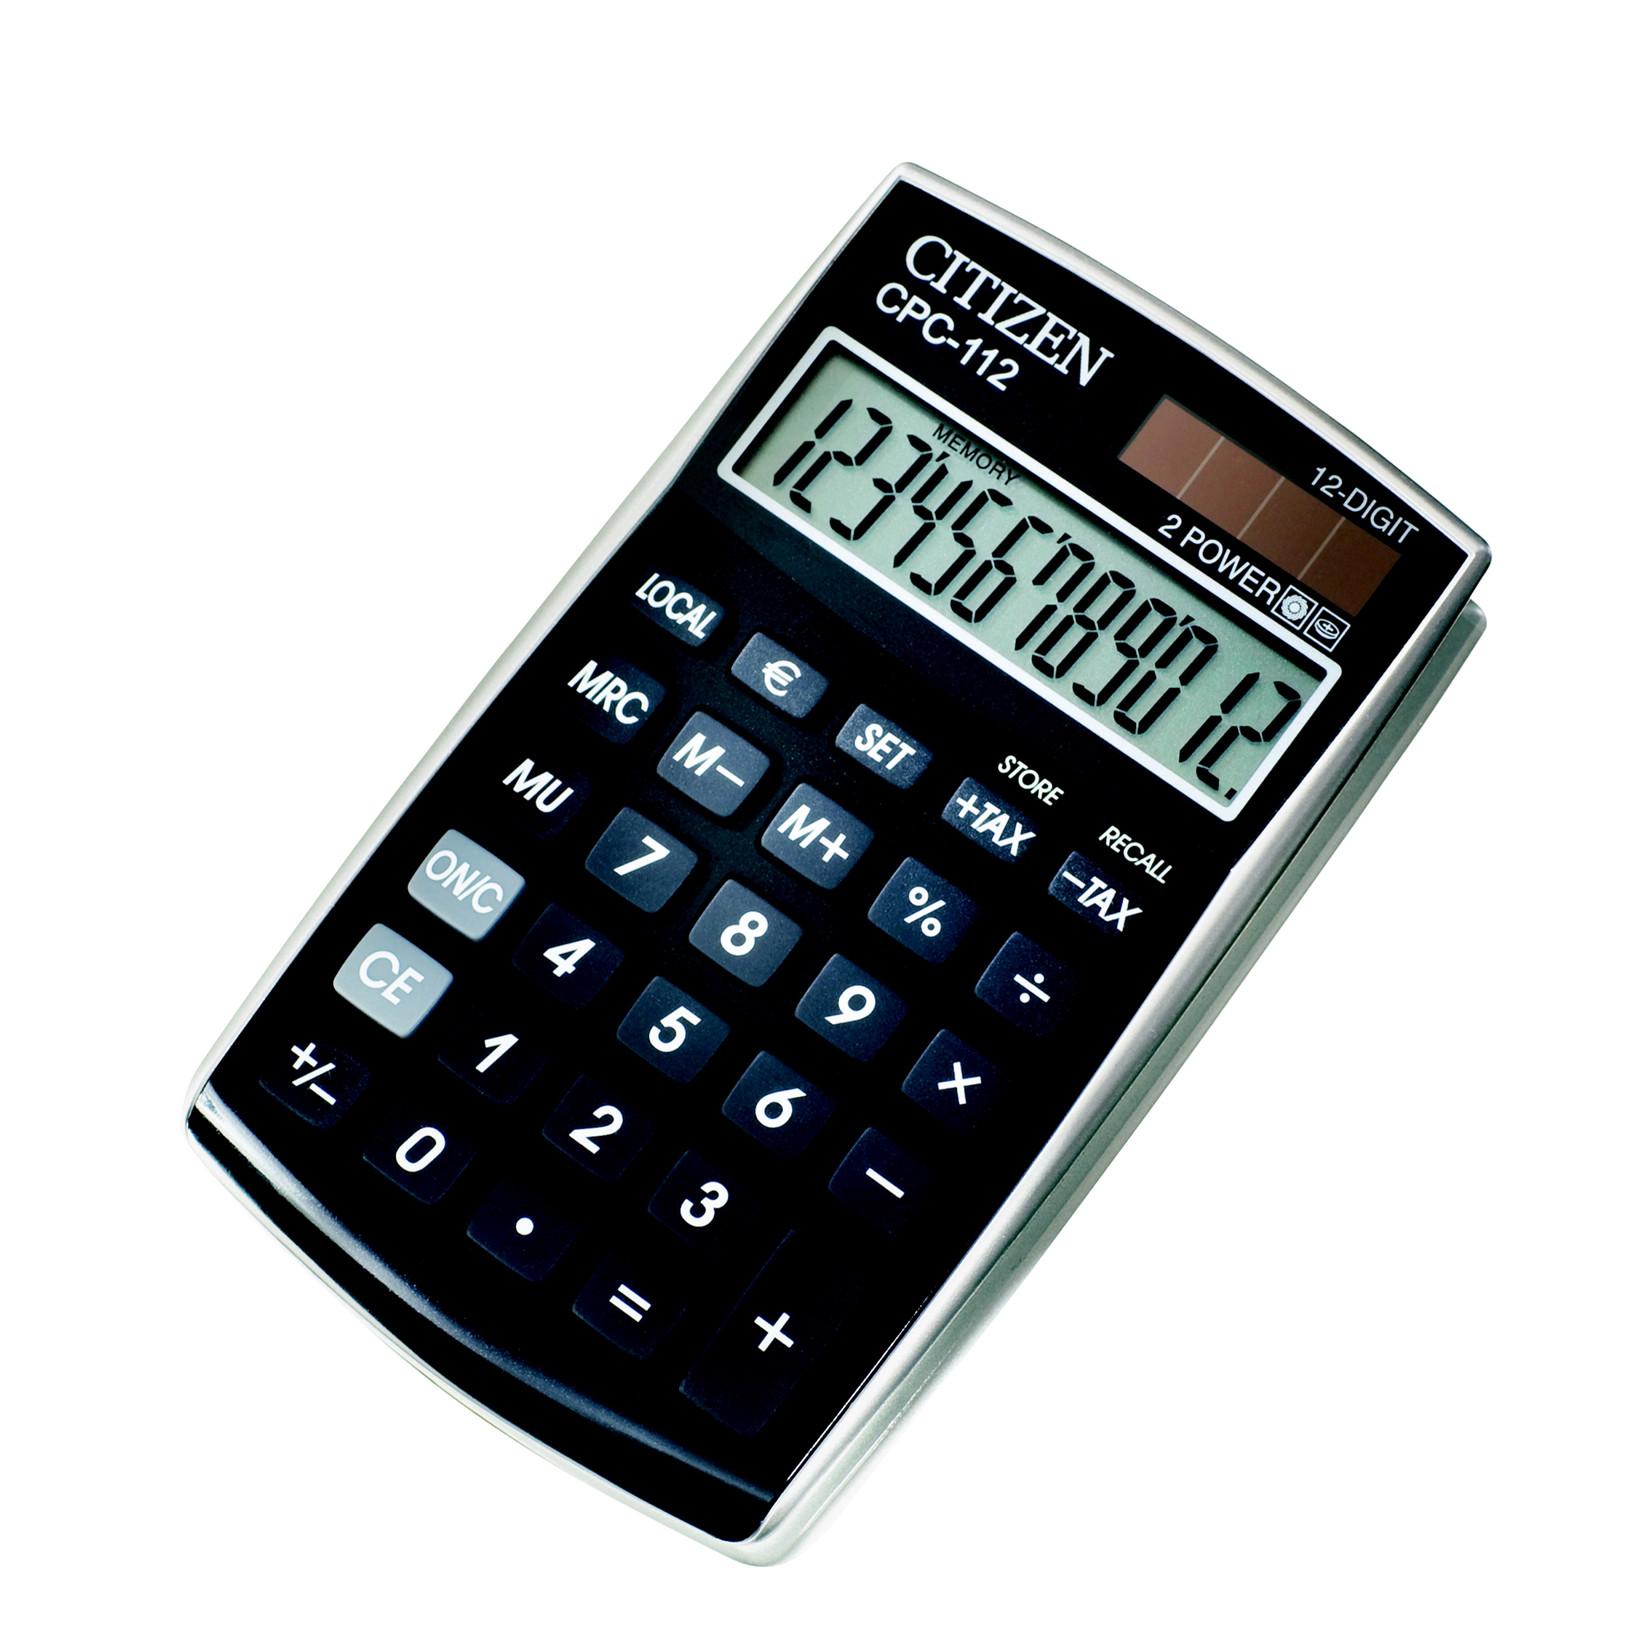 Citizen CPC 112 - Lommeregner sort - Køb billigt på Grafical.dk